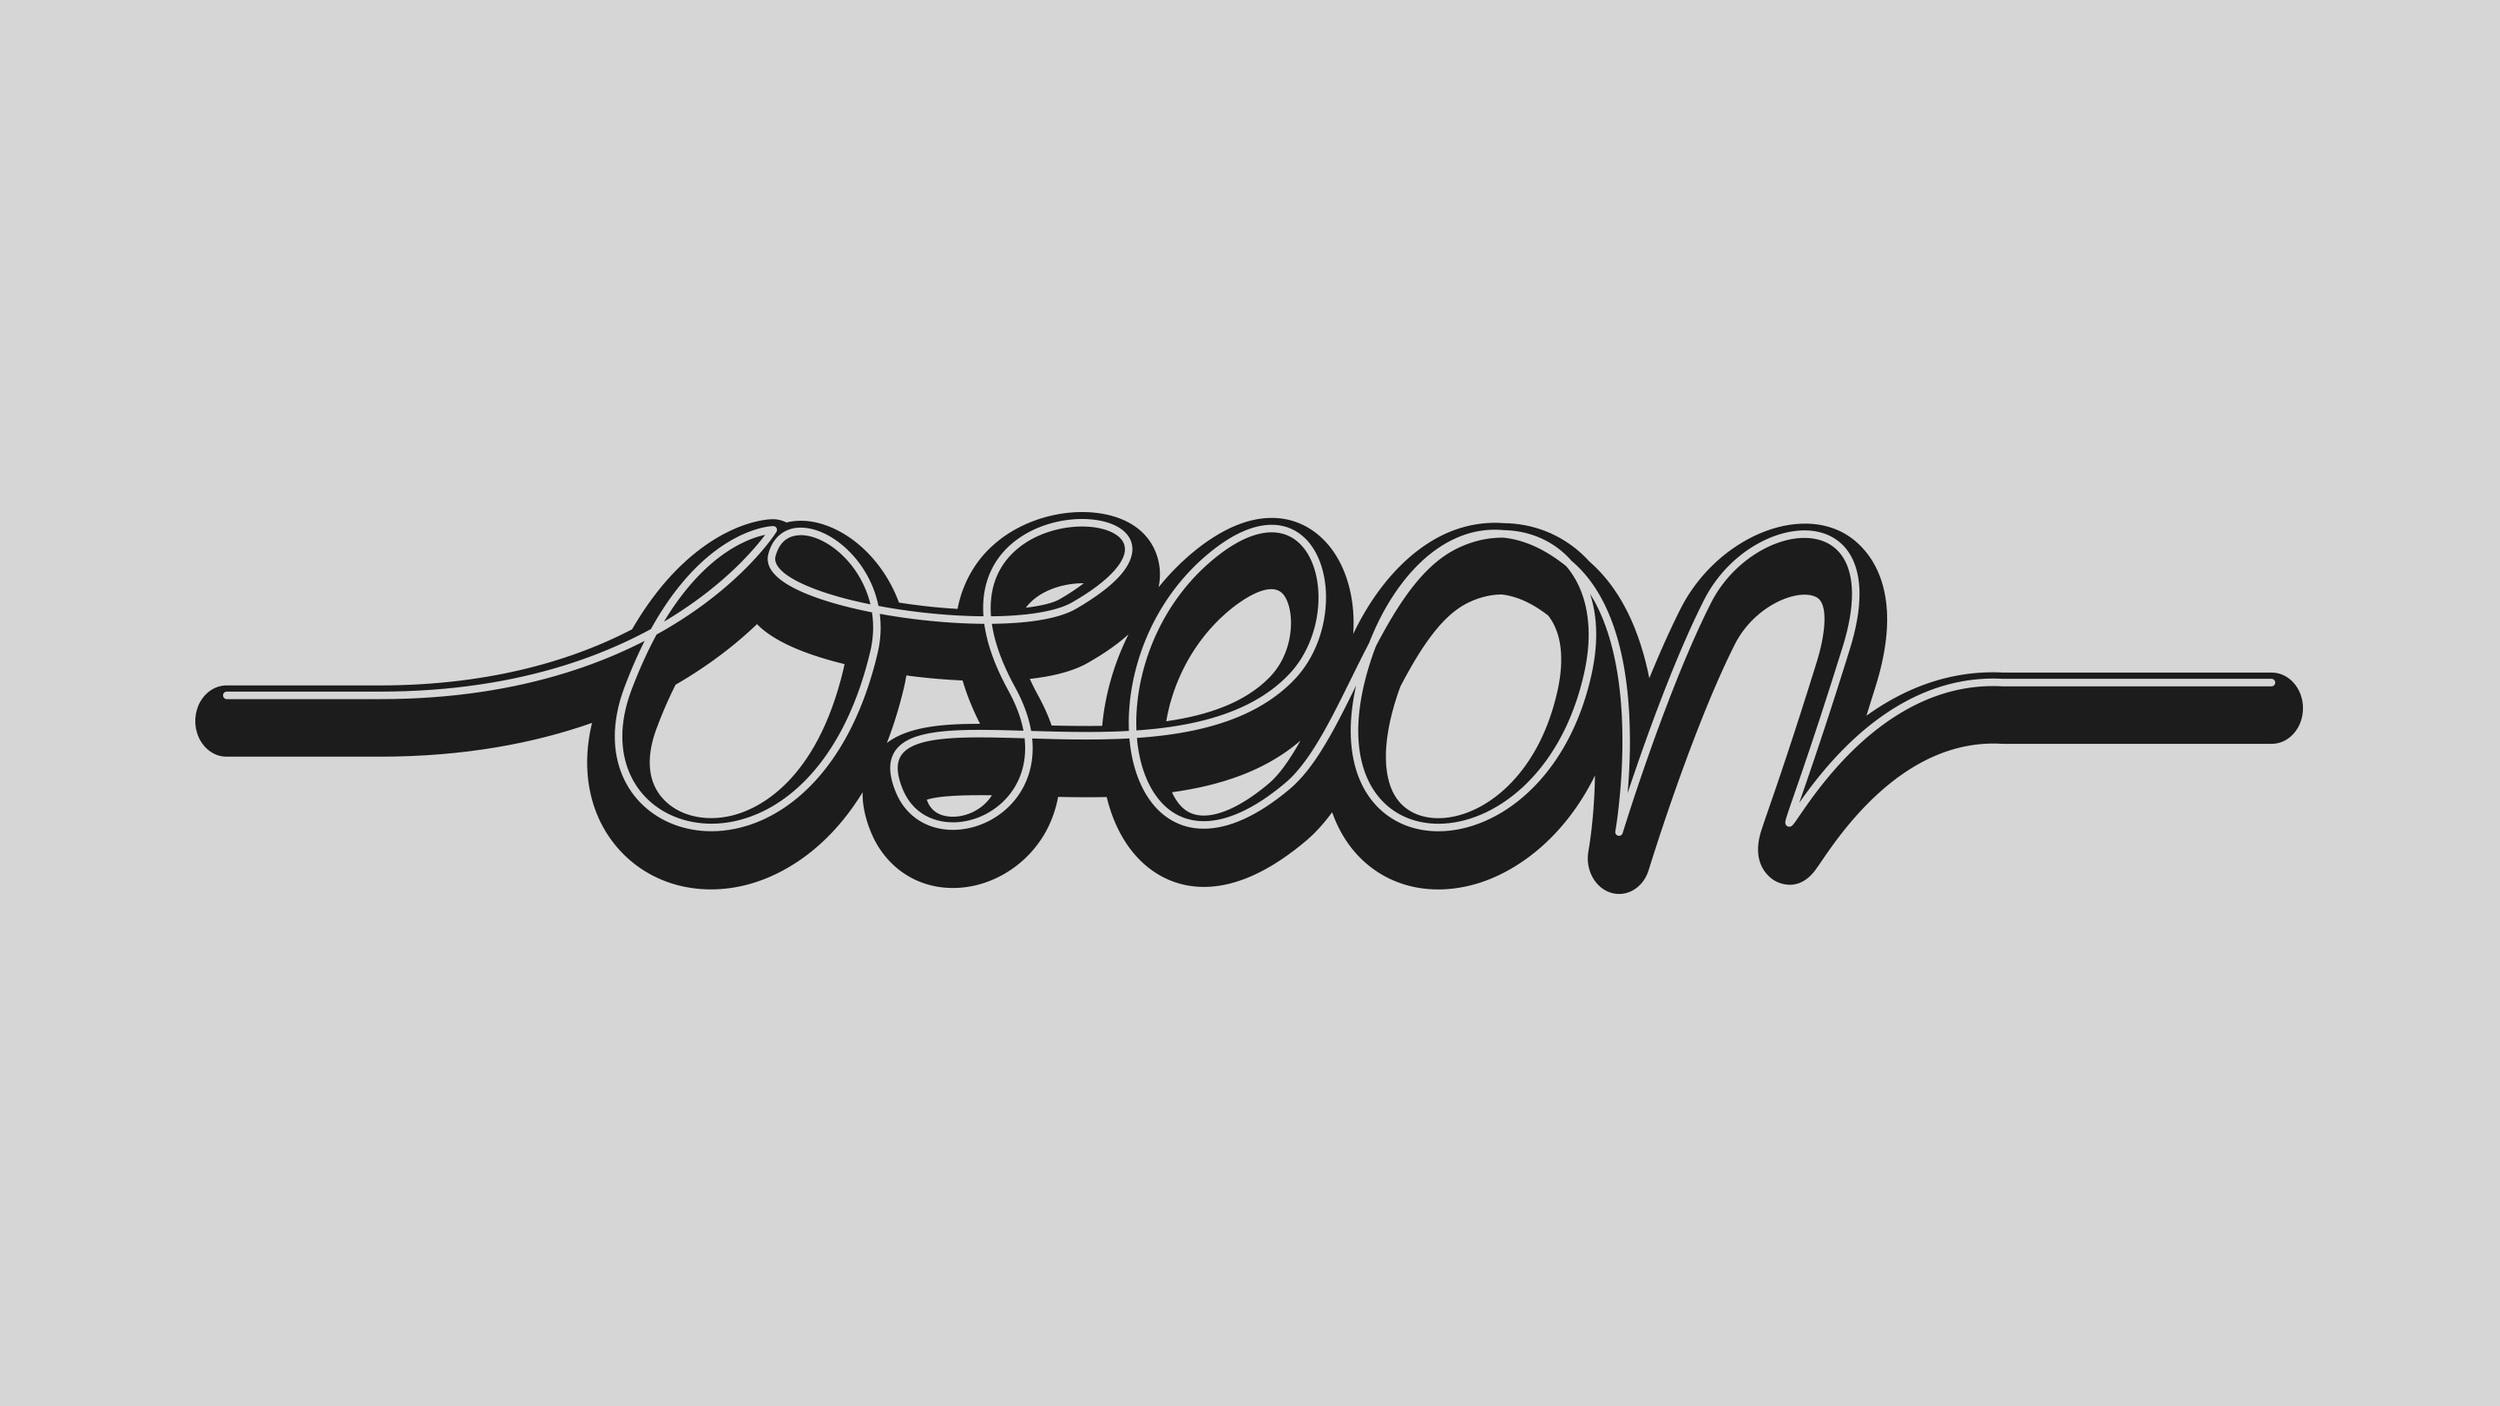 oseon-CI_0032_p16.jpg